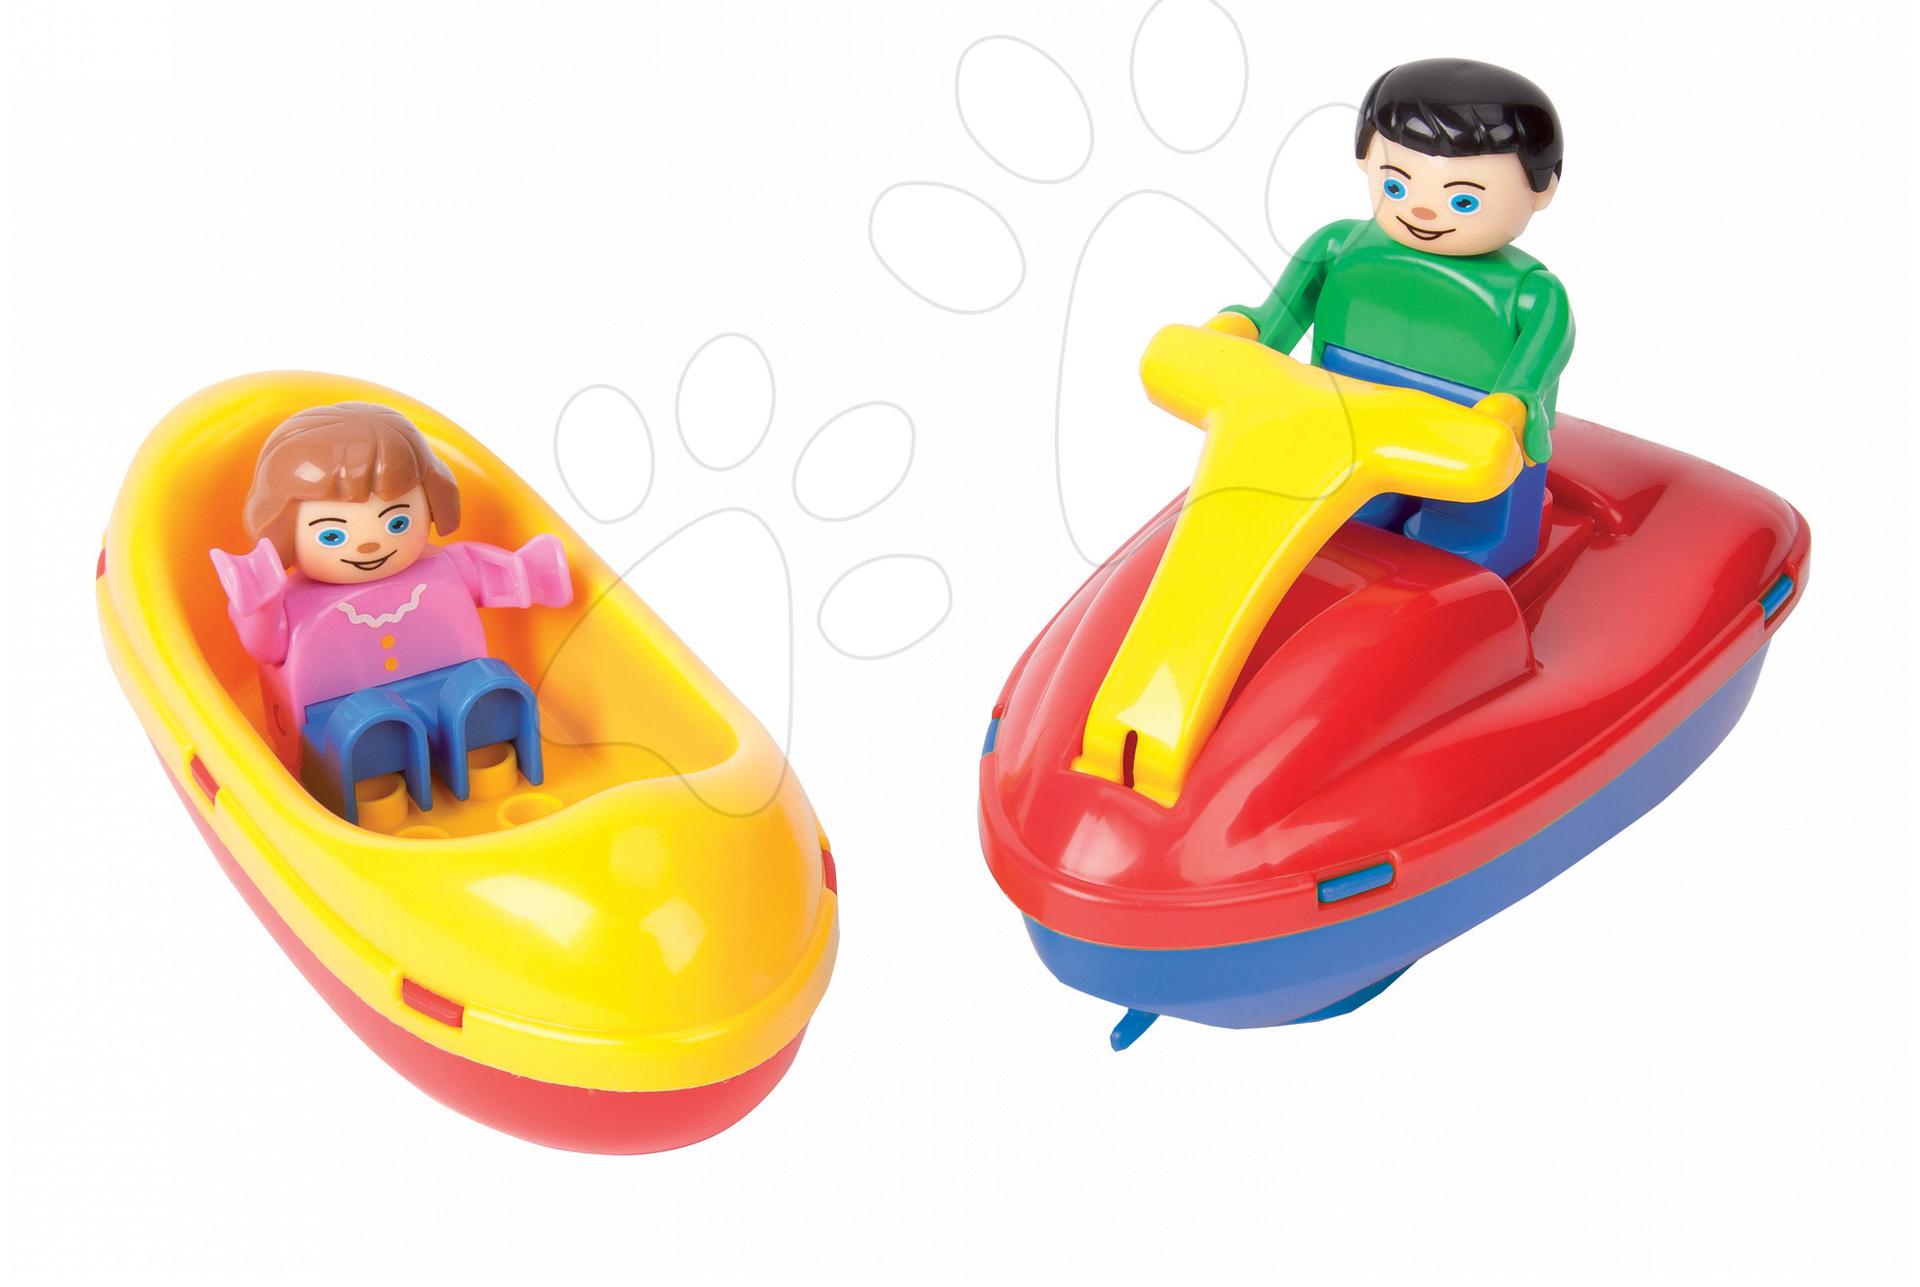 Príslušenstvo k vodným dráham - Loďky Waterplay BIG 2 ks výletné farebné s figúrkami